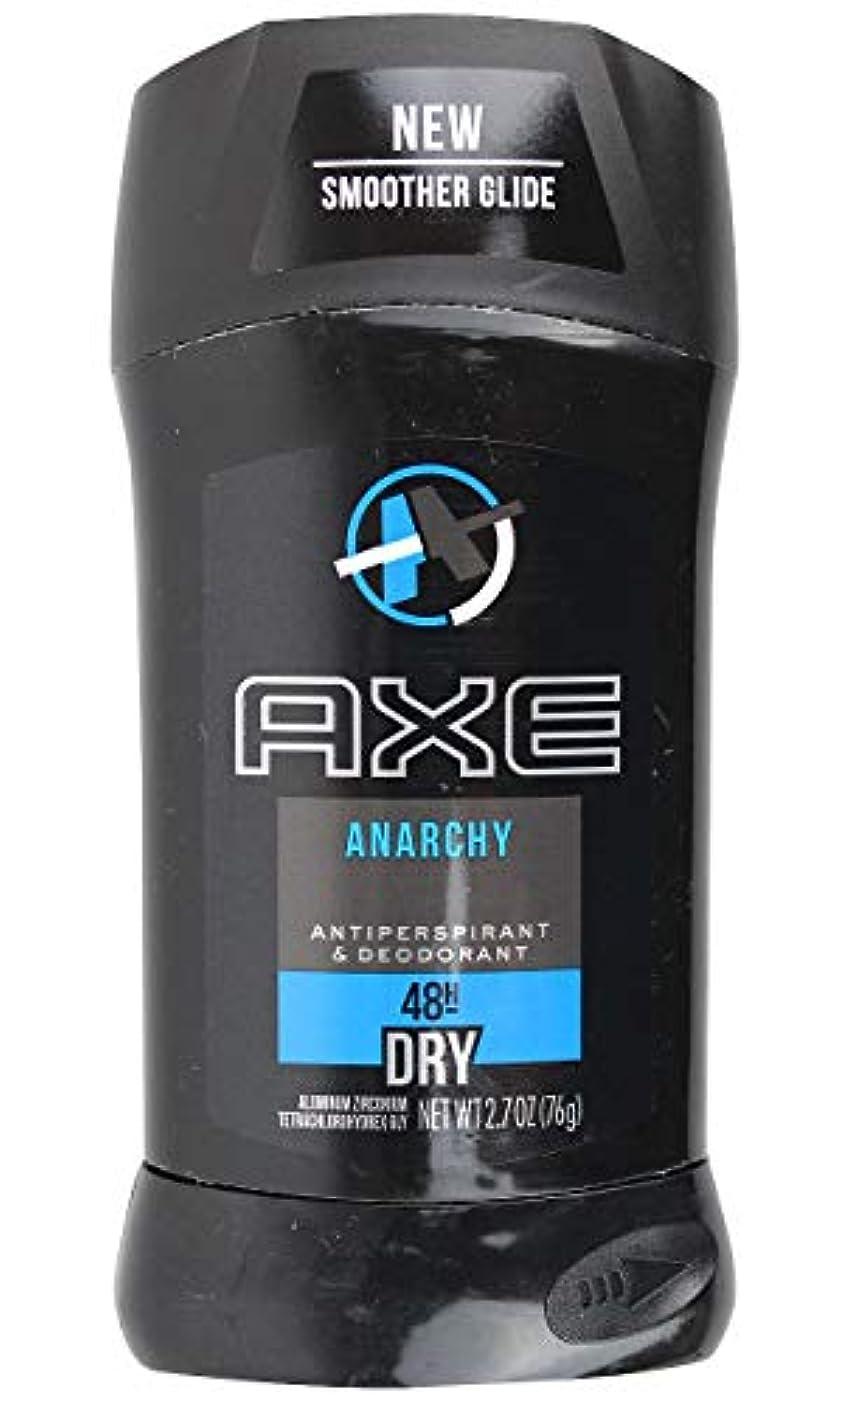 汚染されたたくさんの見積りアックス AXE メンズ デオドラント アナーキー 男性用 固形 制汗剤 48H ドライ 76g